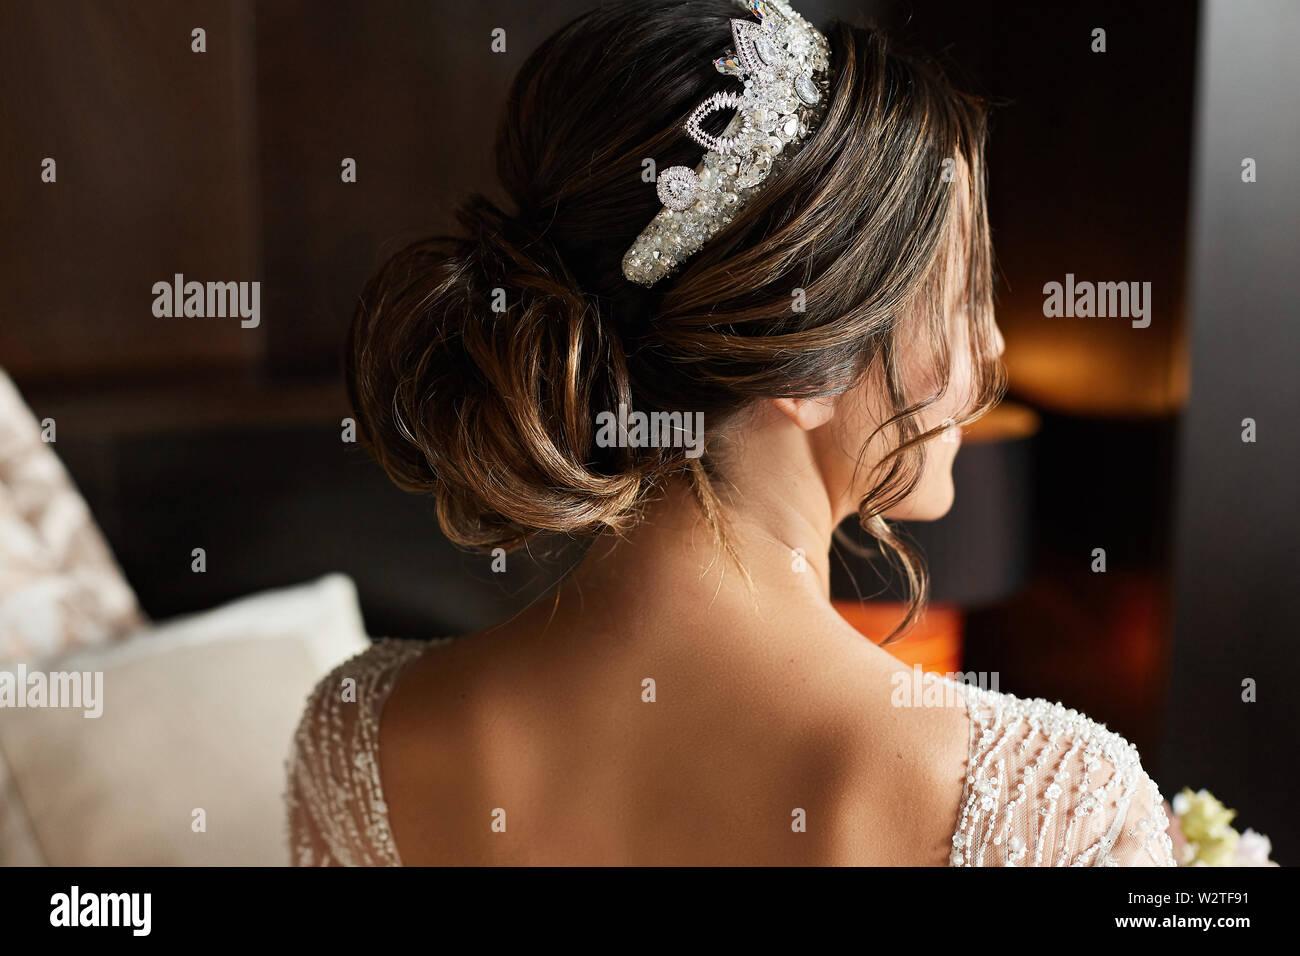 Hochzeit Frisur Mit Schmuck Modische Brunette Modell Junge